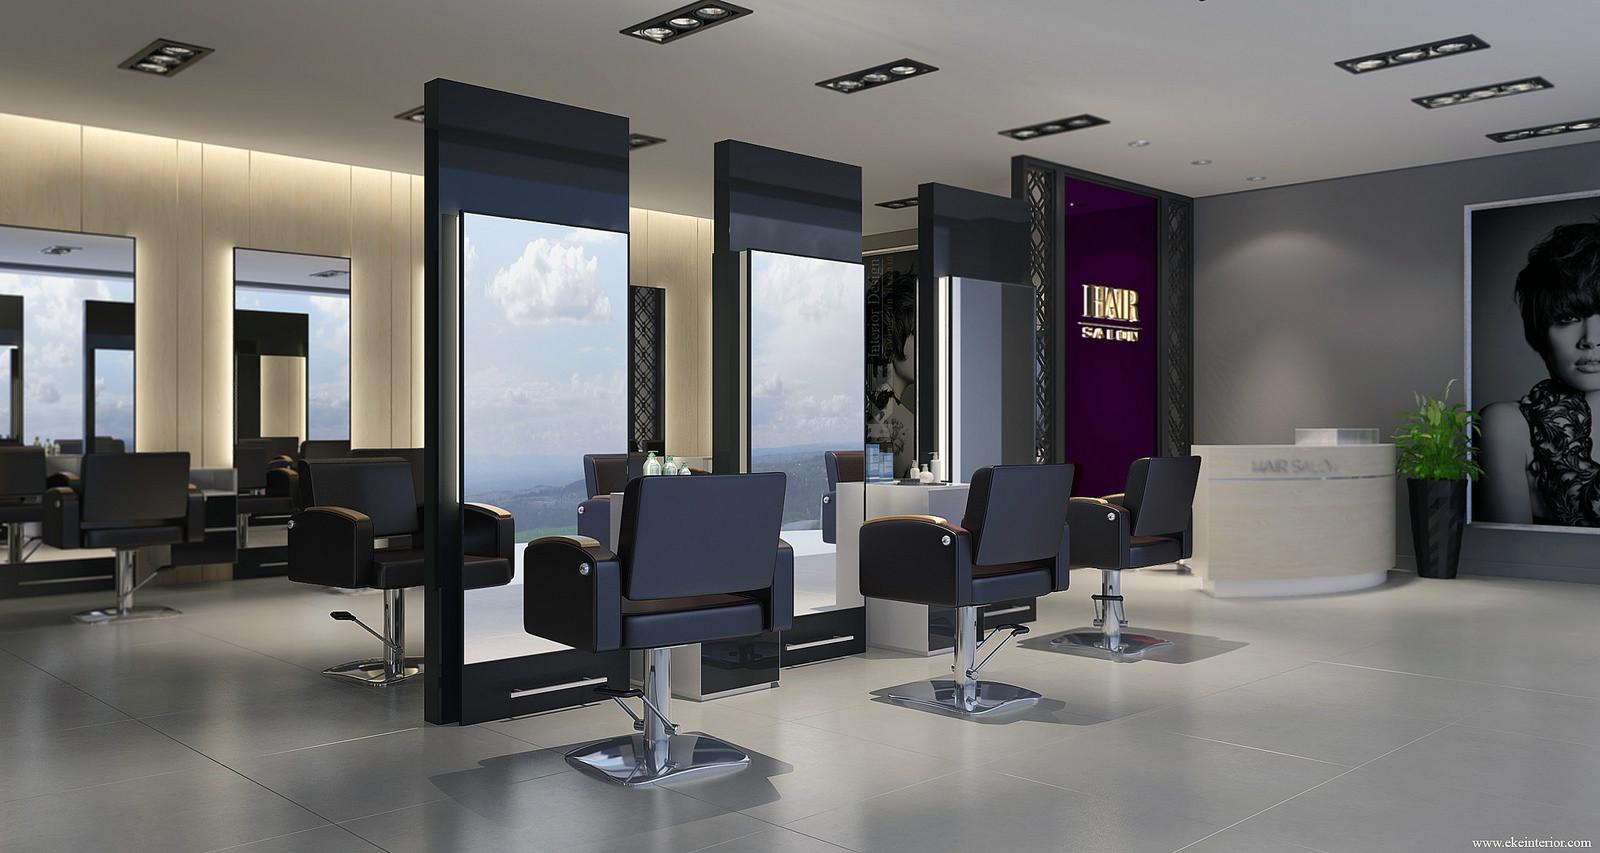 Thiết kế salon không gian đẹp